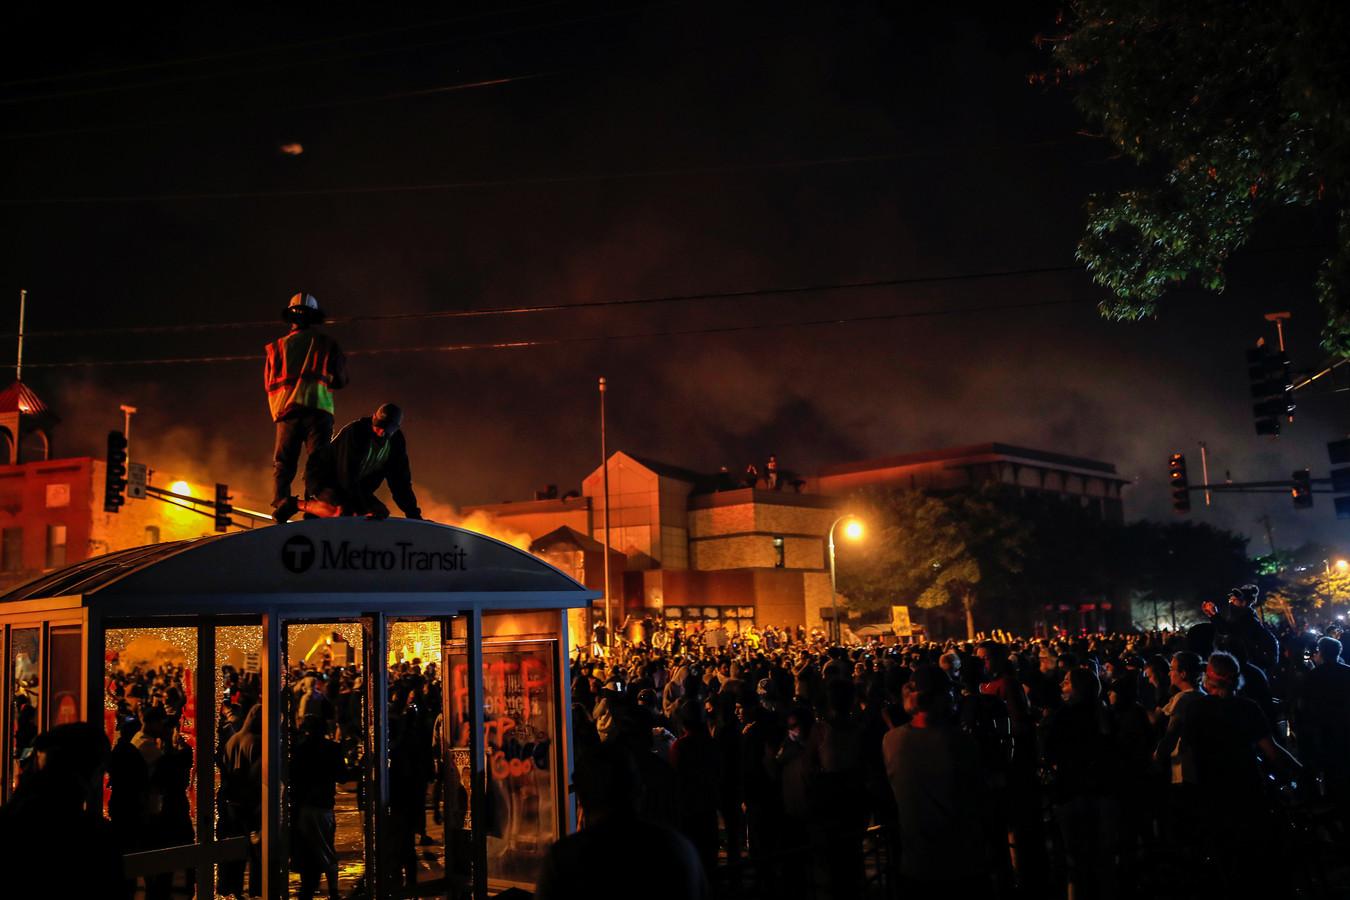 Op meerdere plekken brand is gesticht.